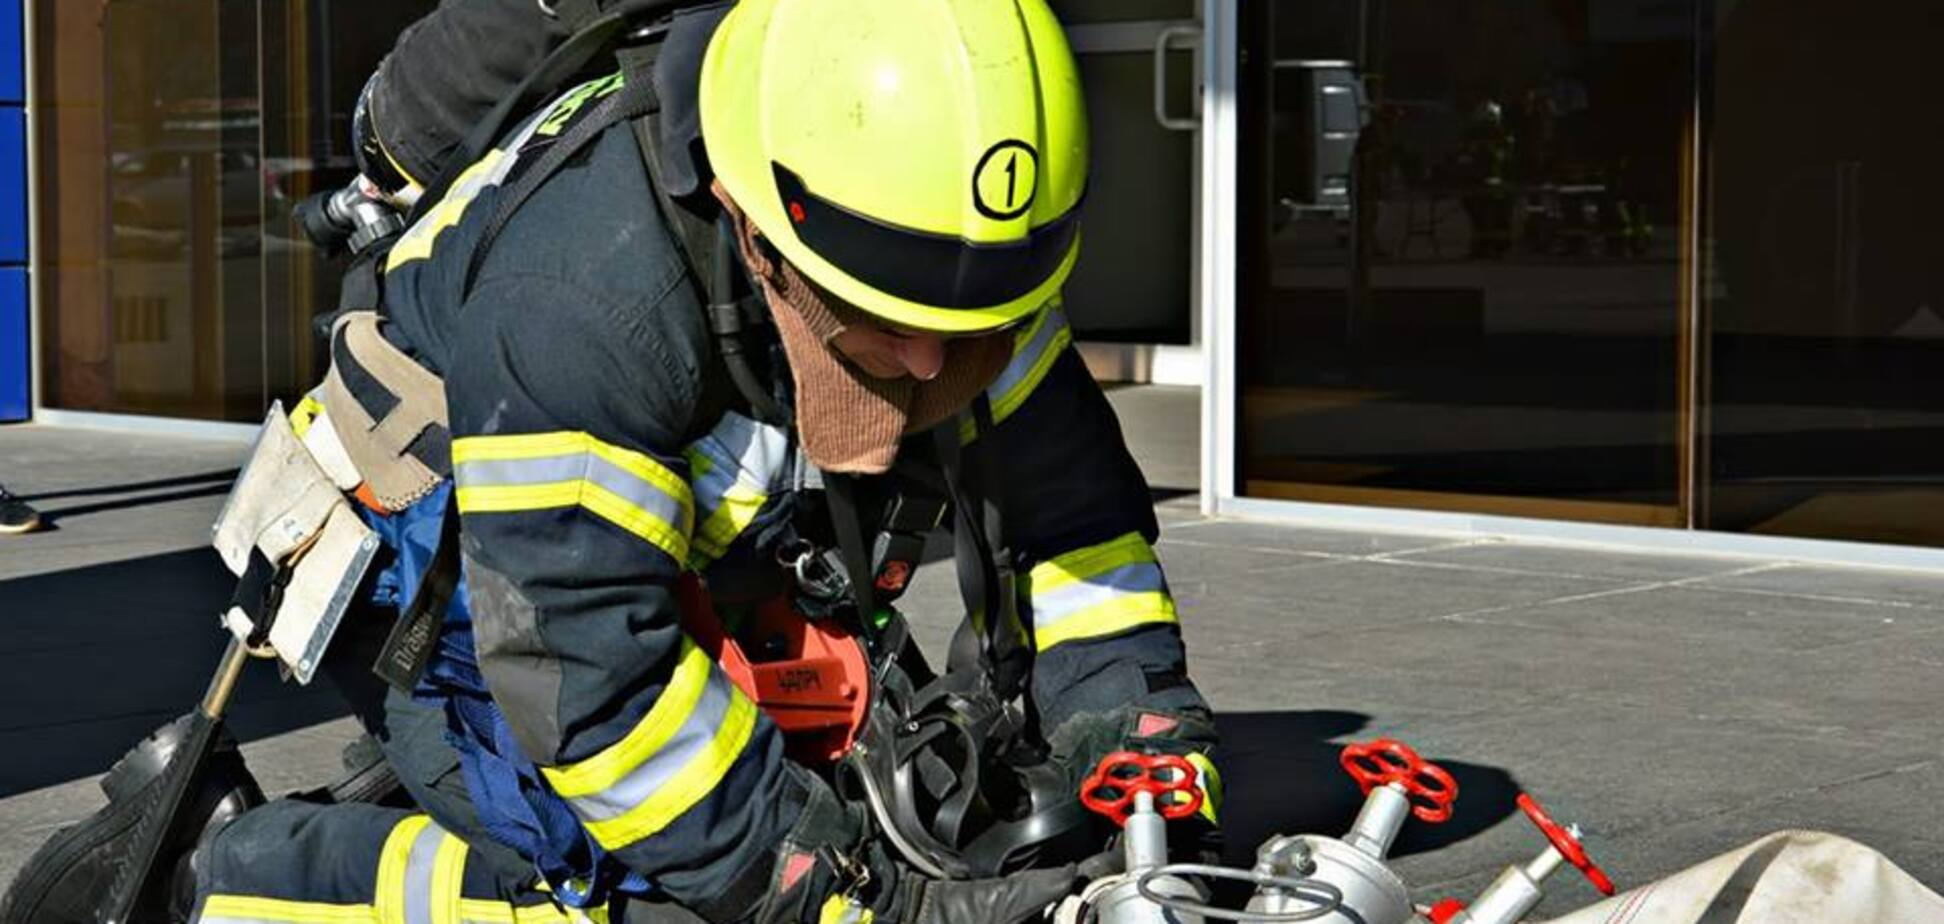 Днепрян предупредили о возможных масштабных пожарах